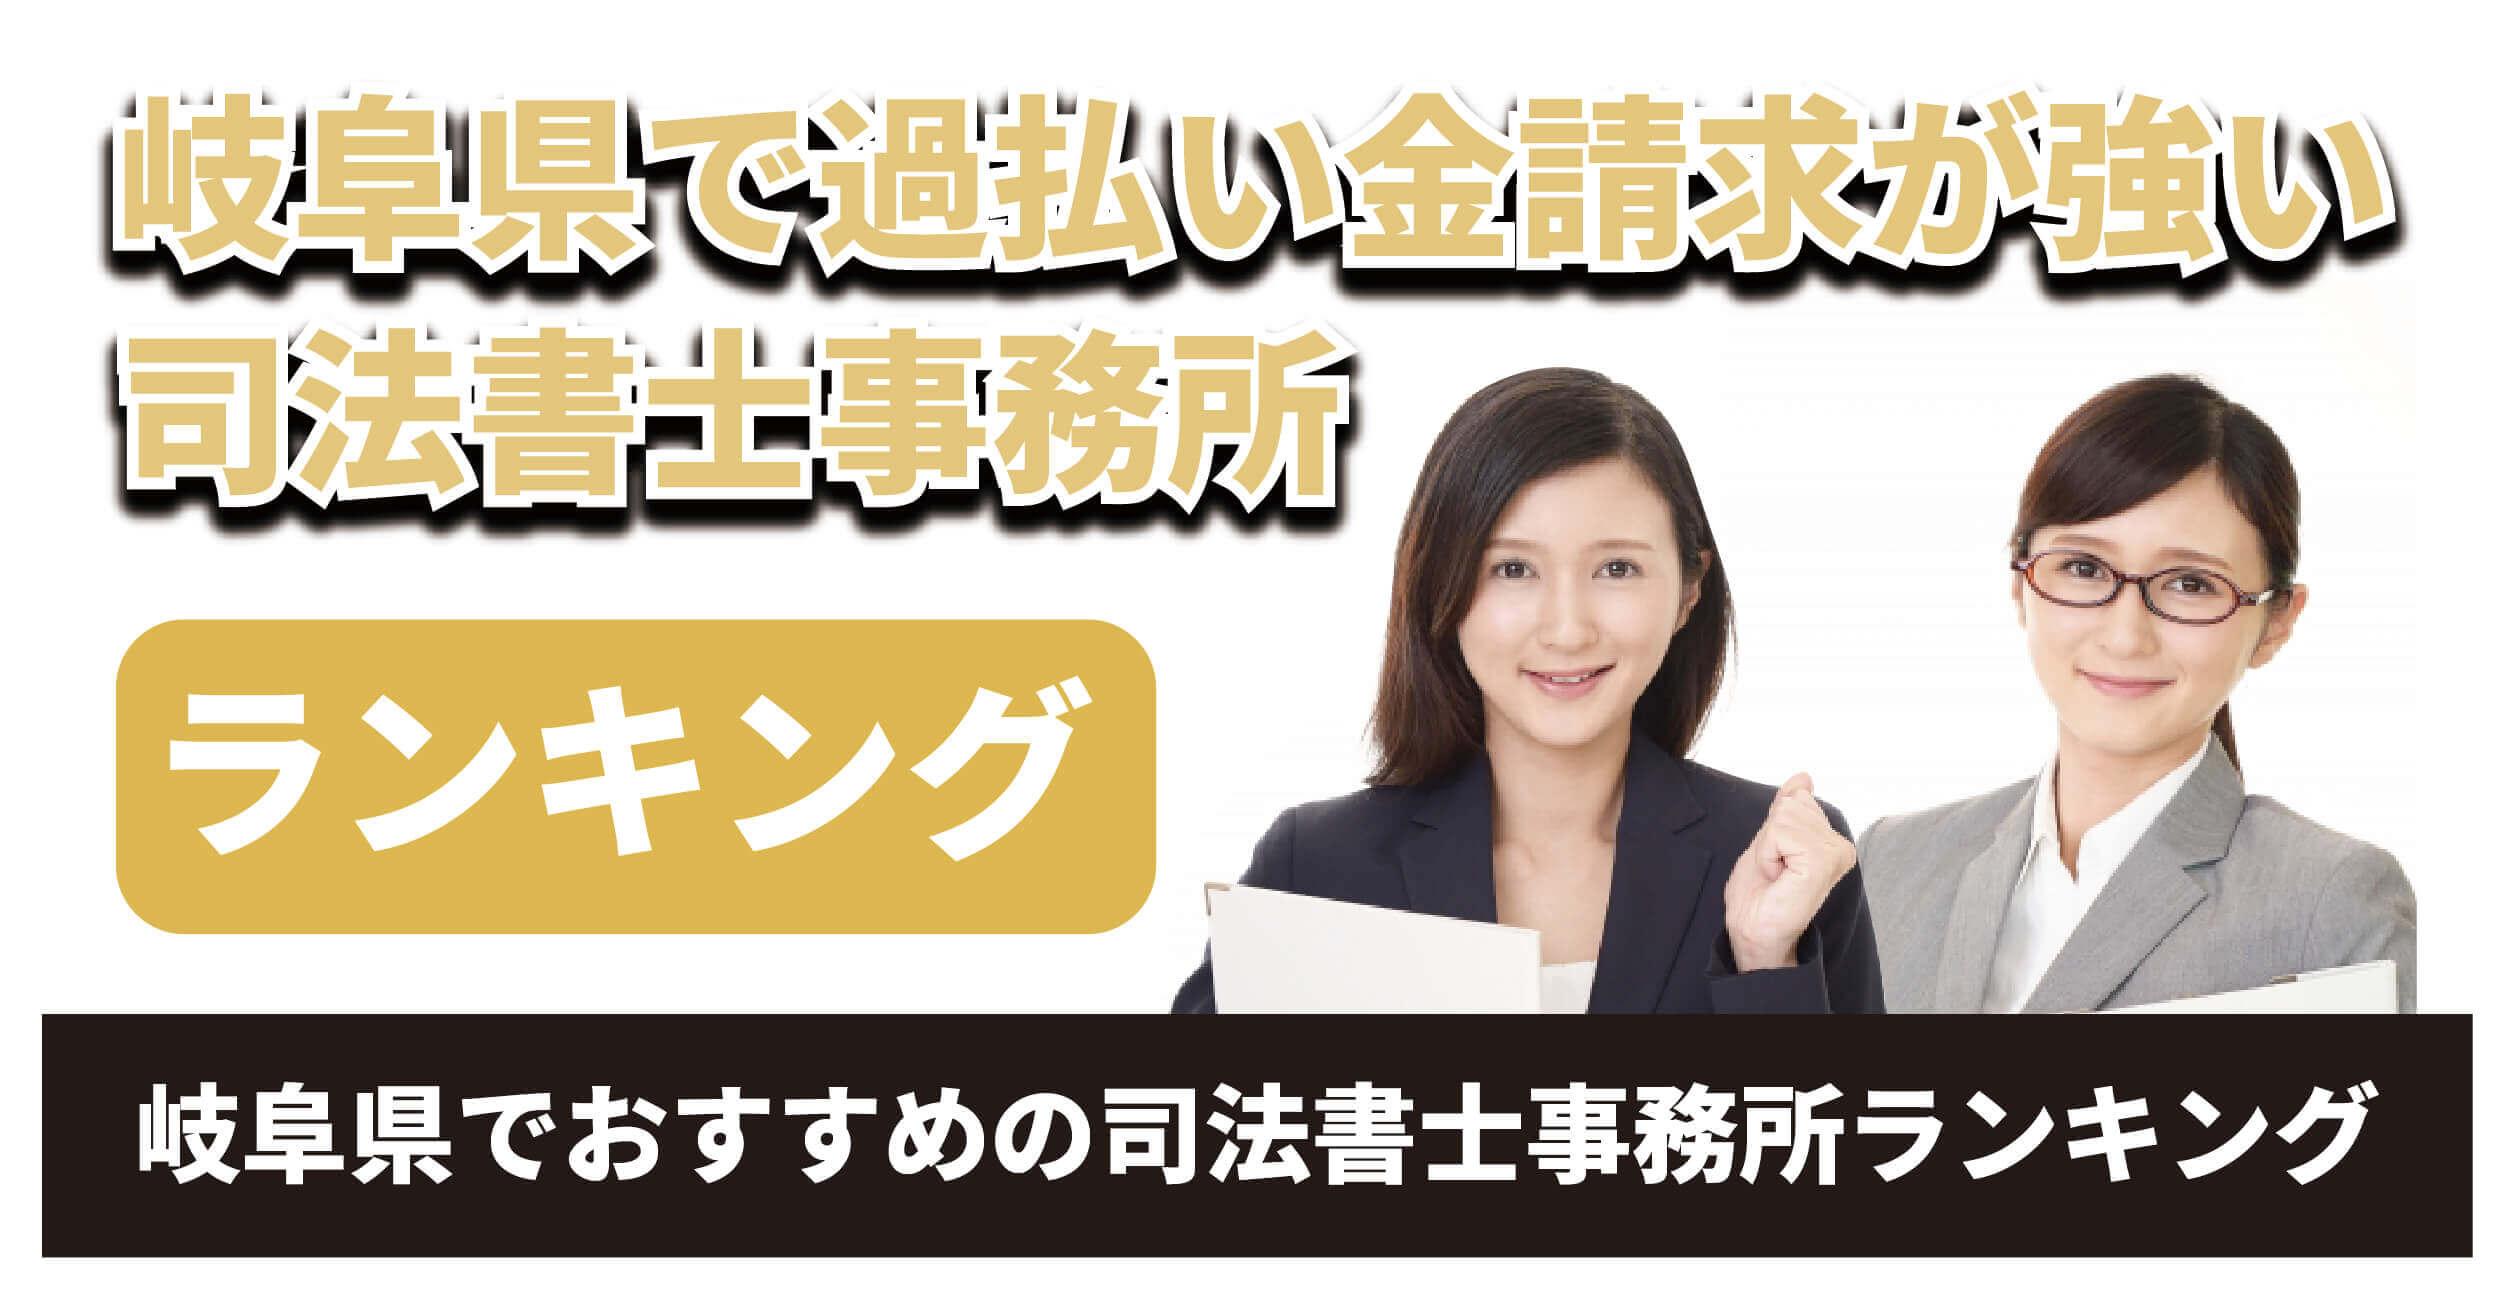 岐阜県で過払い金請求が強い司法書士は?